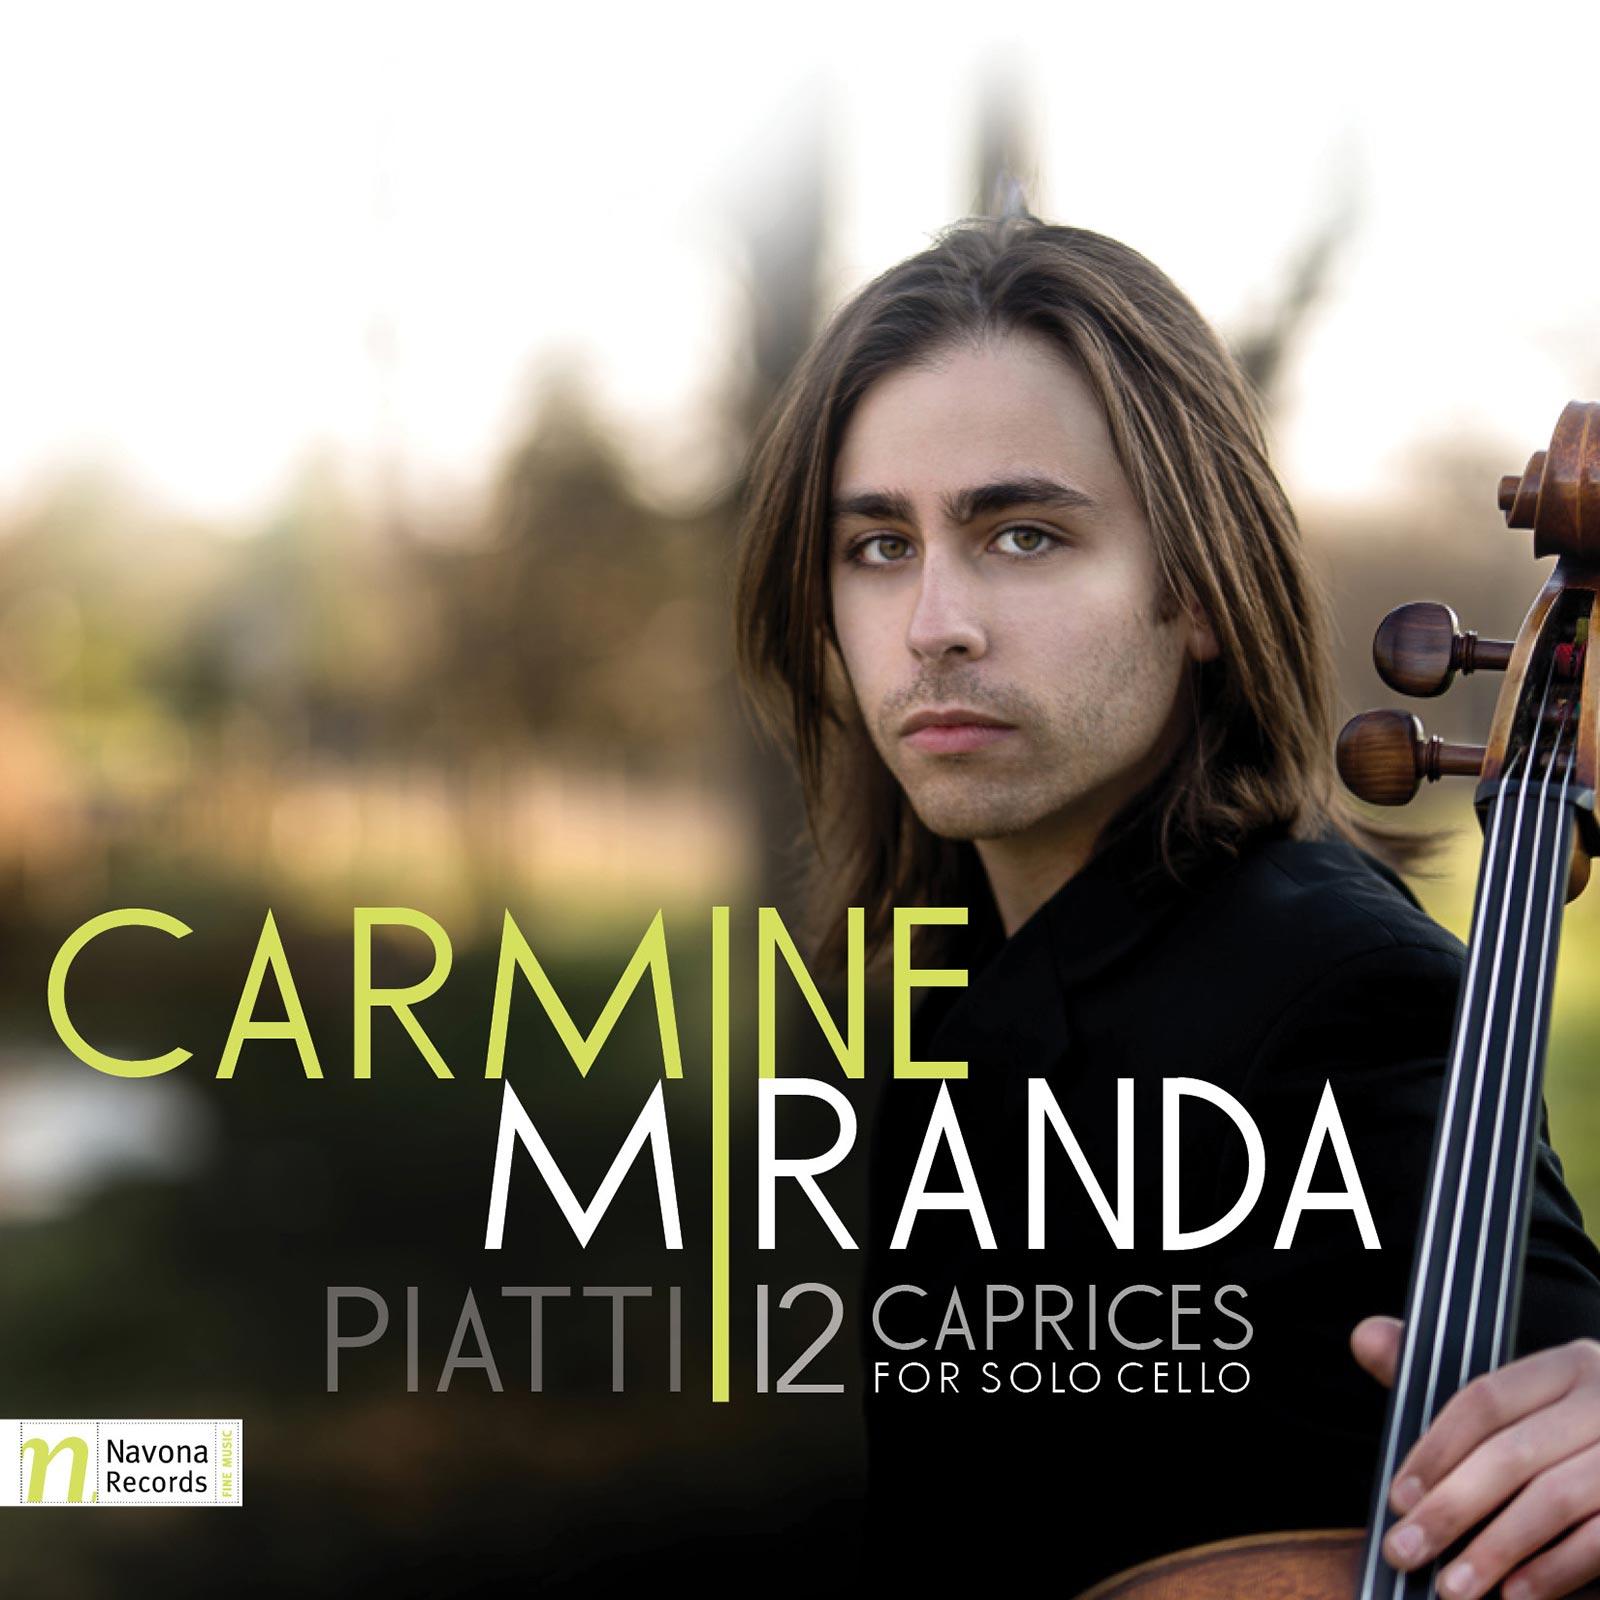 Piatti 12 Caprices For Solo Cello